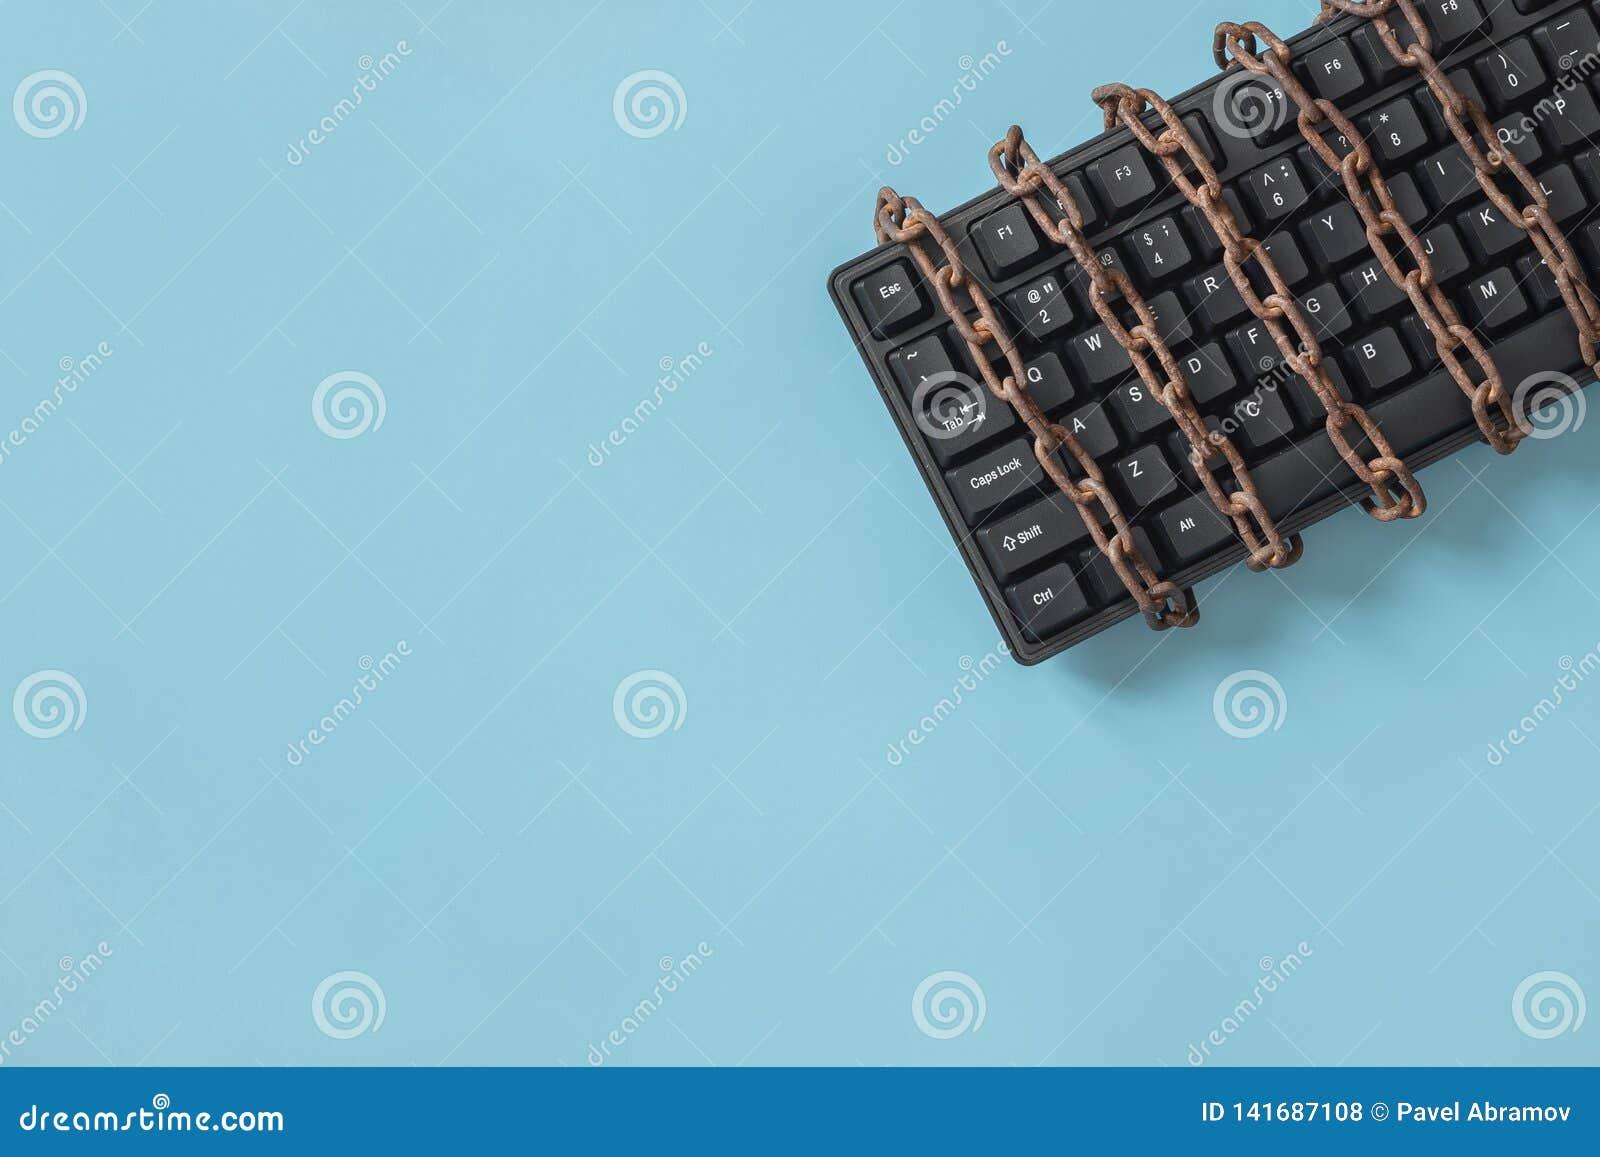 Zwart toetsenbord met een gerolde ketting Concept op het gebied van censuur of persvrijheid